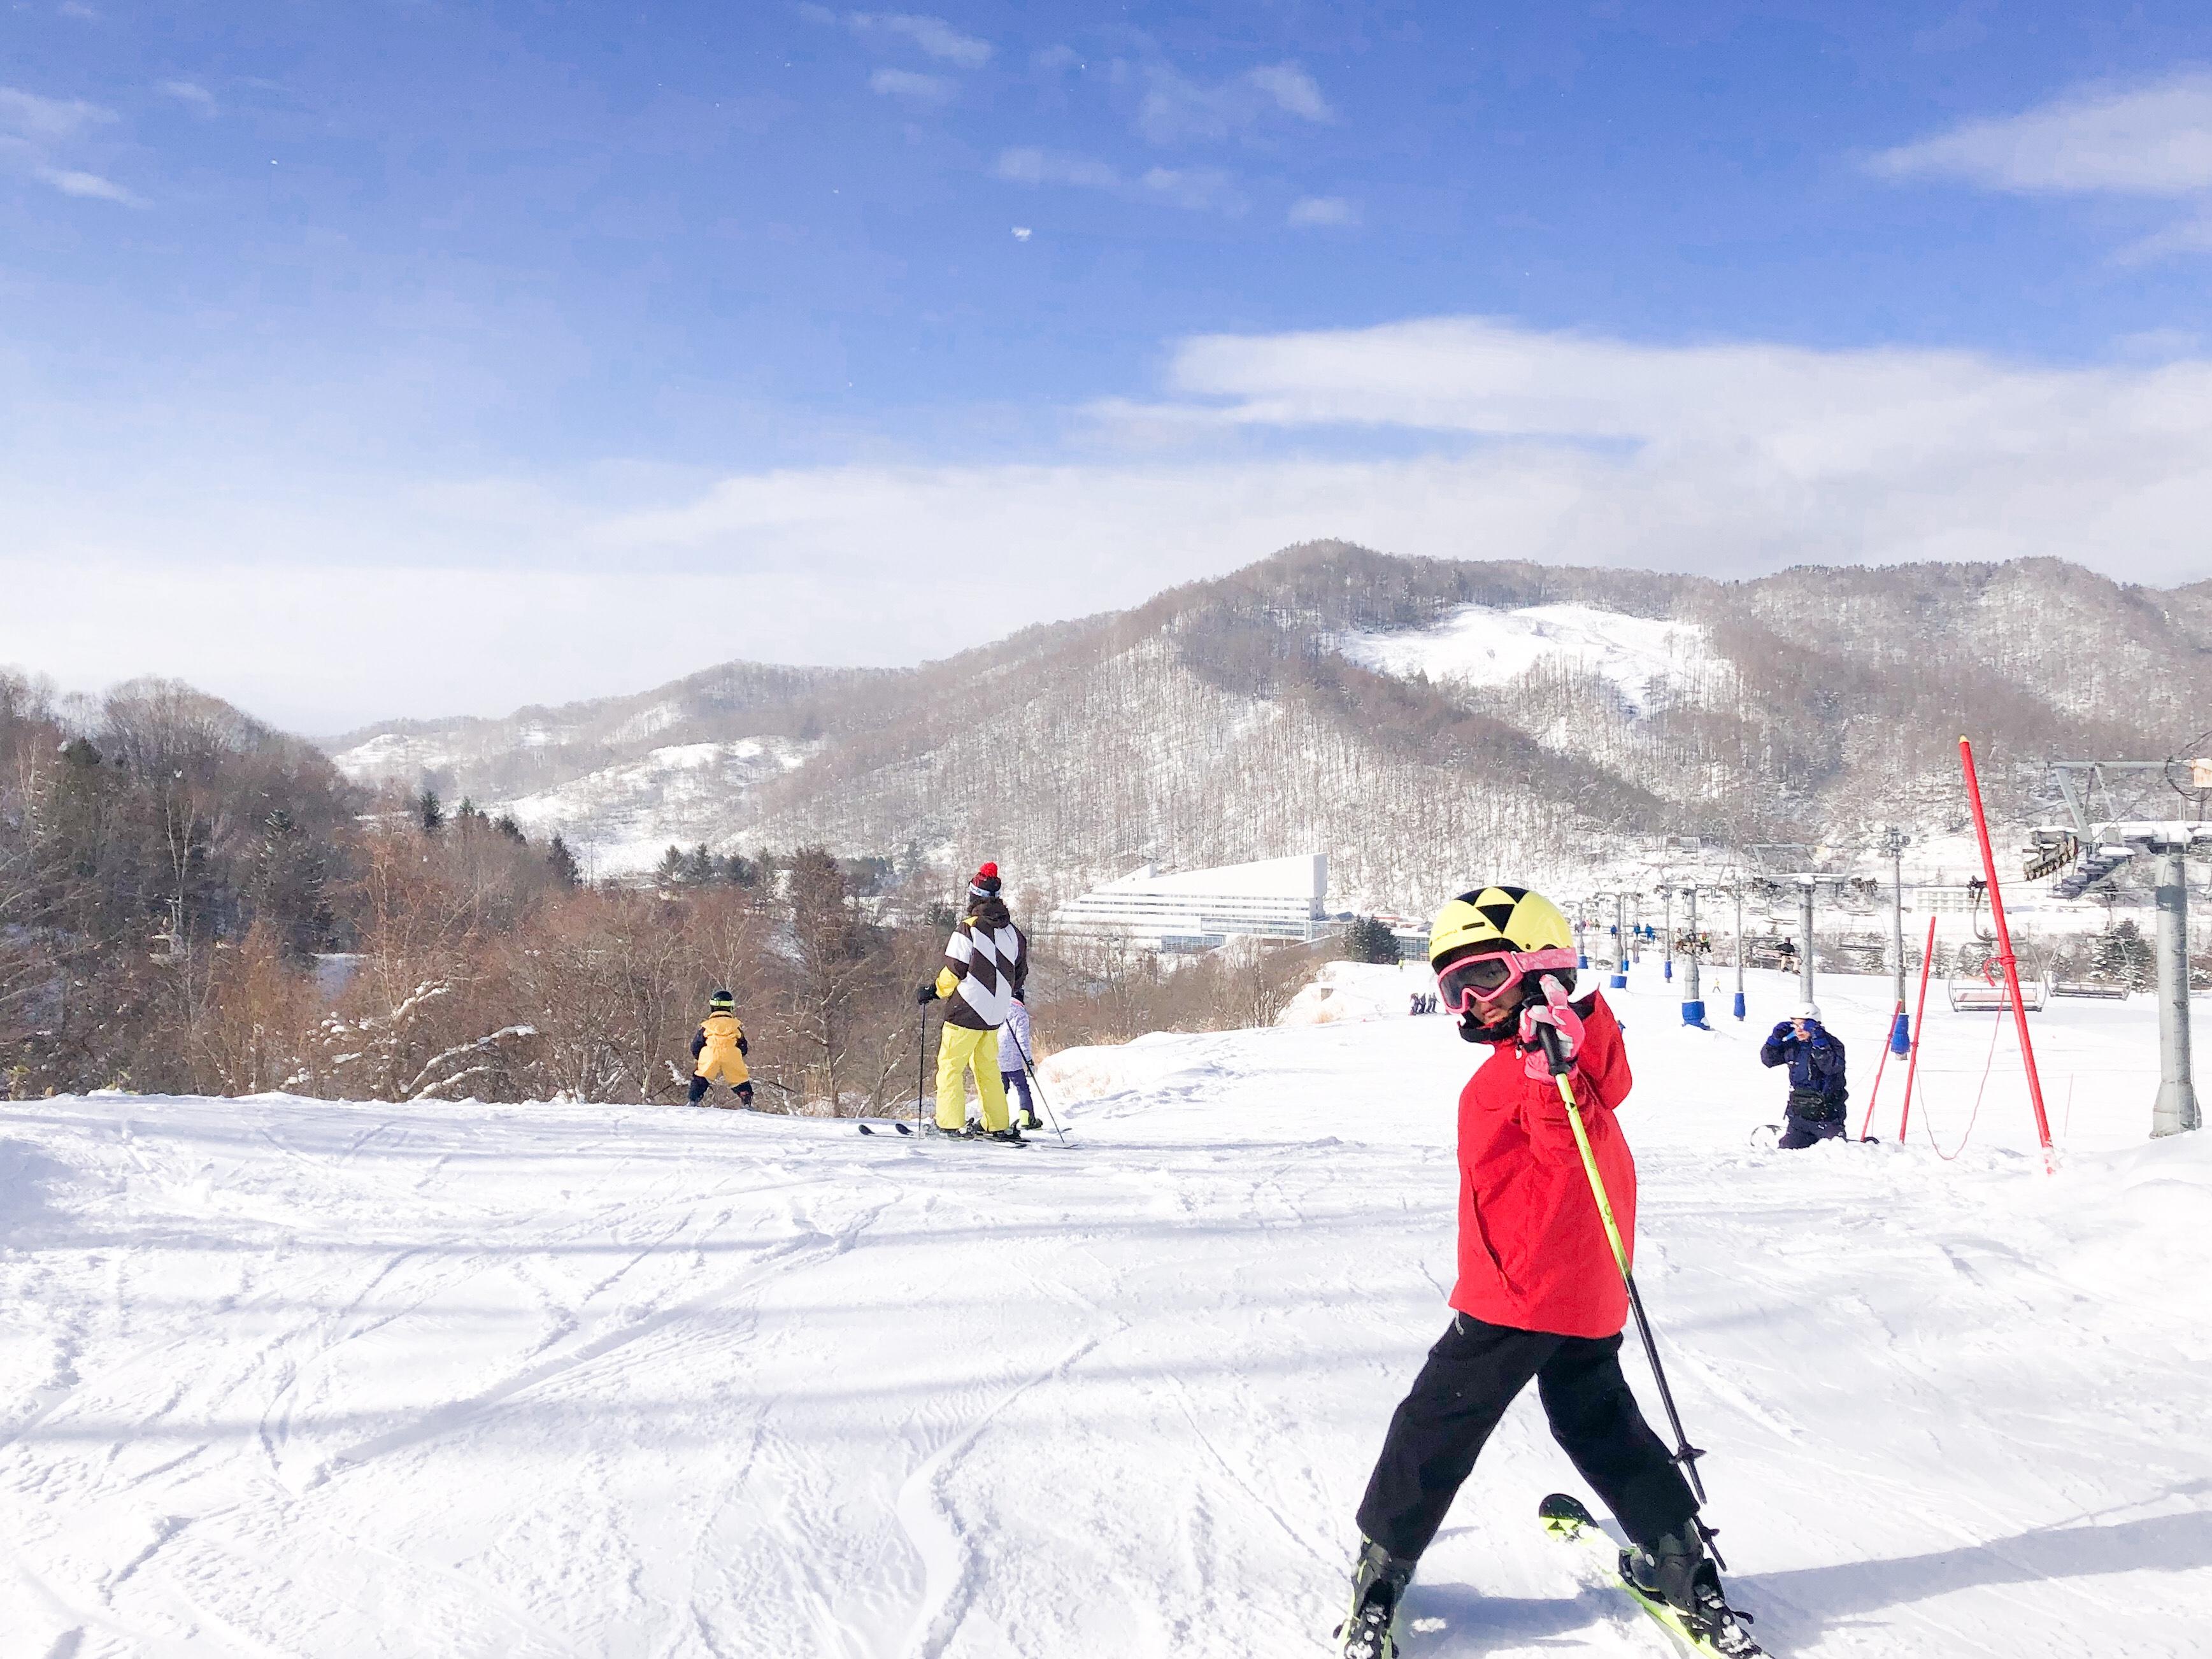 【小2&小1】初スキーは北海道夕張マウントレースイ【ゲレンデデビュー】